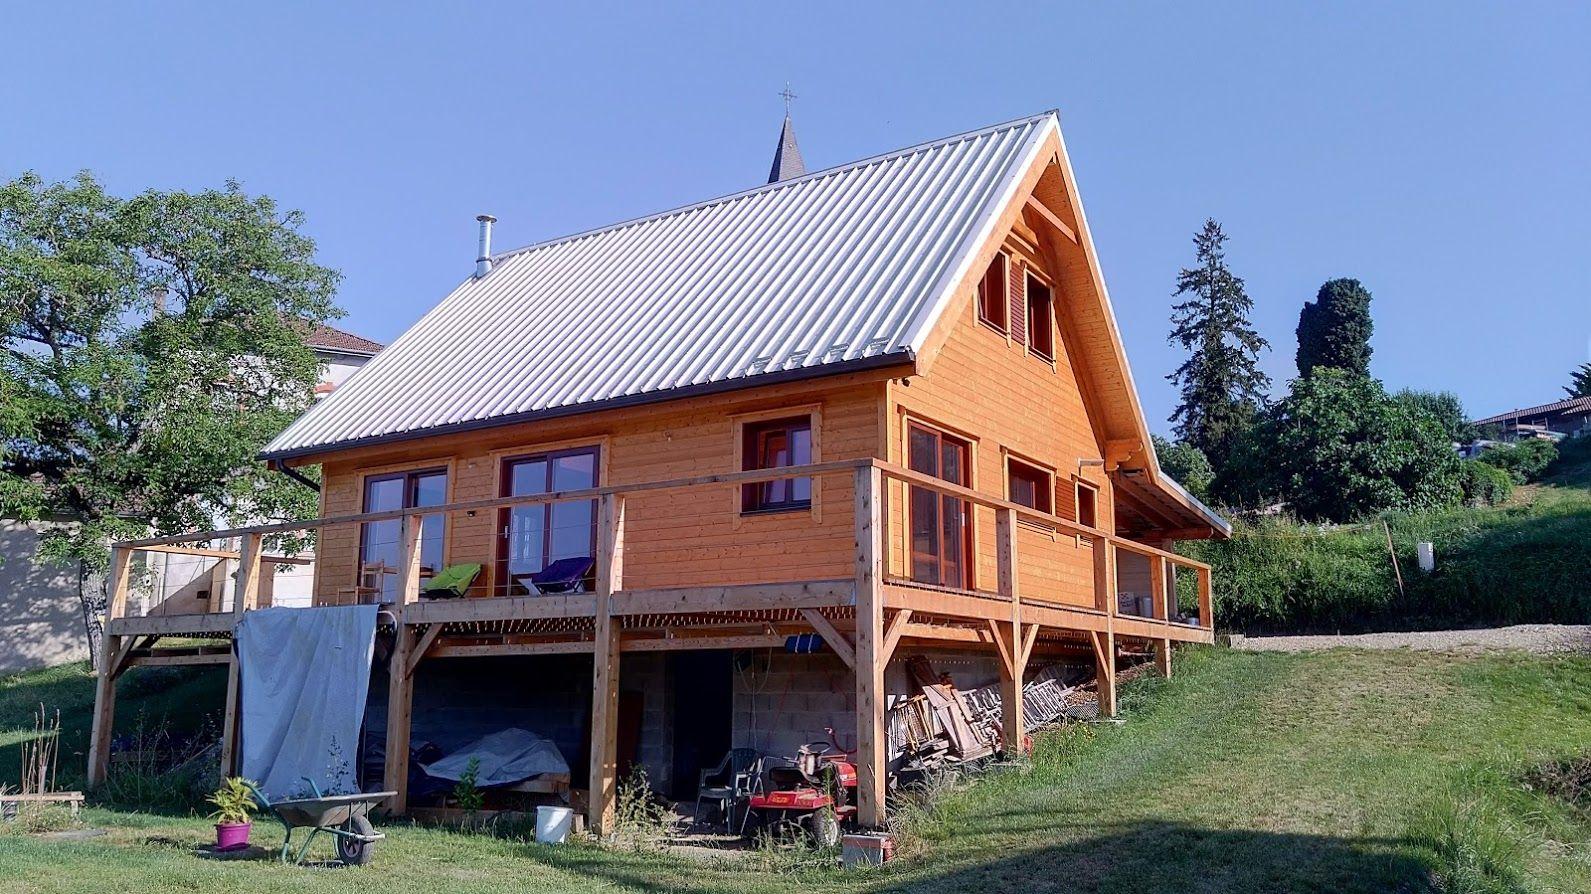 Terrasse Sur Vide Sanitaire Maison Bois Maison Style Maison